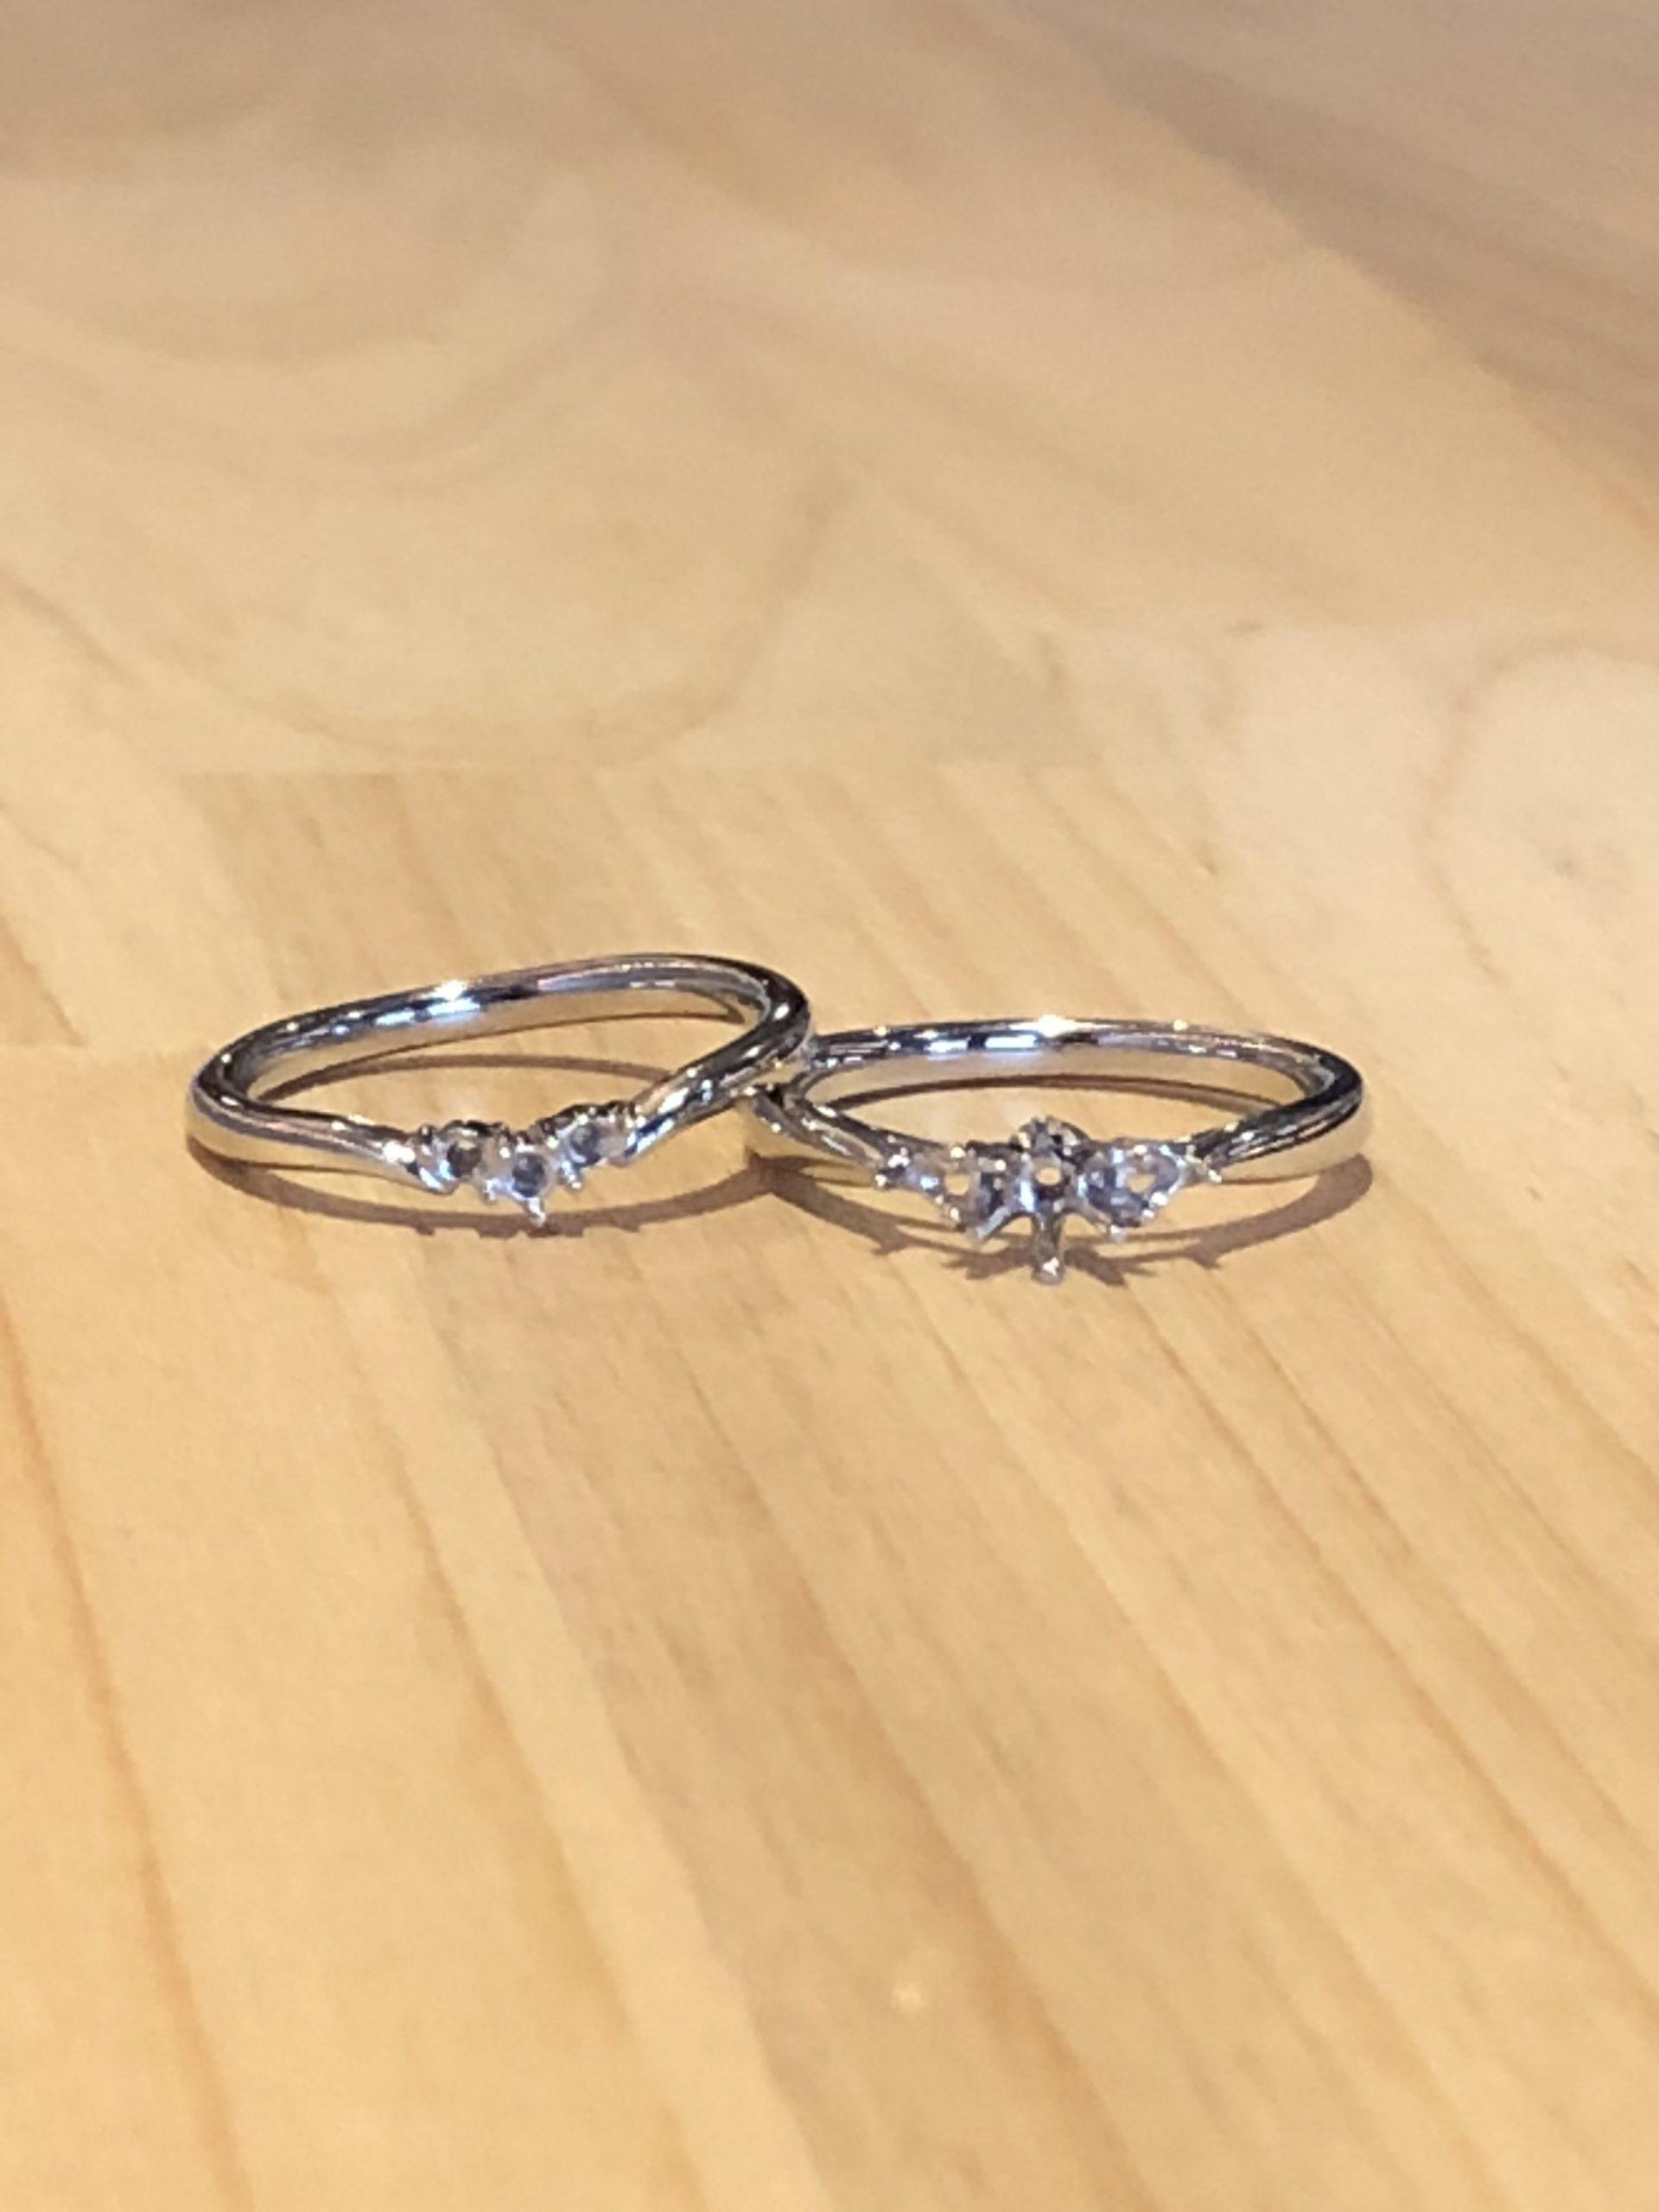 結婚指輪と婚約指輪の空枠